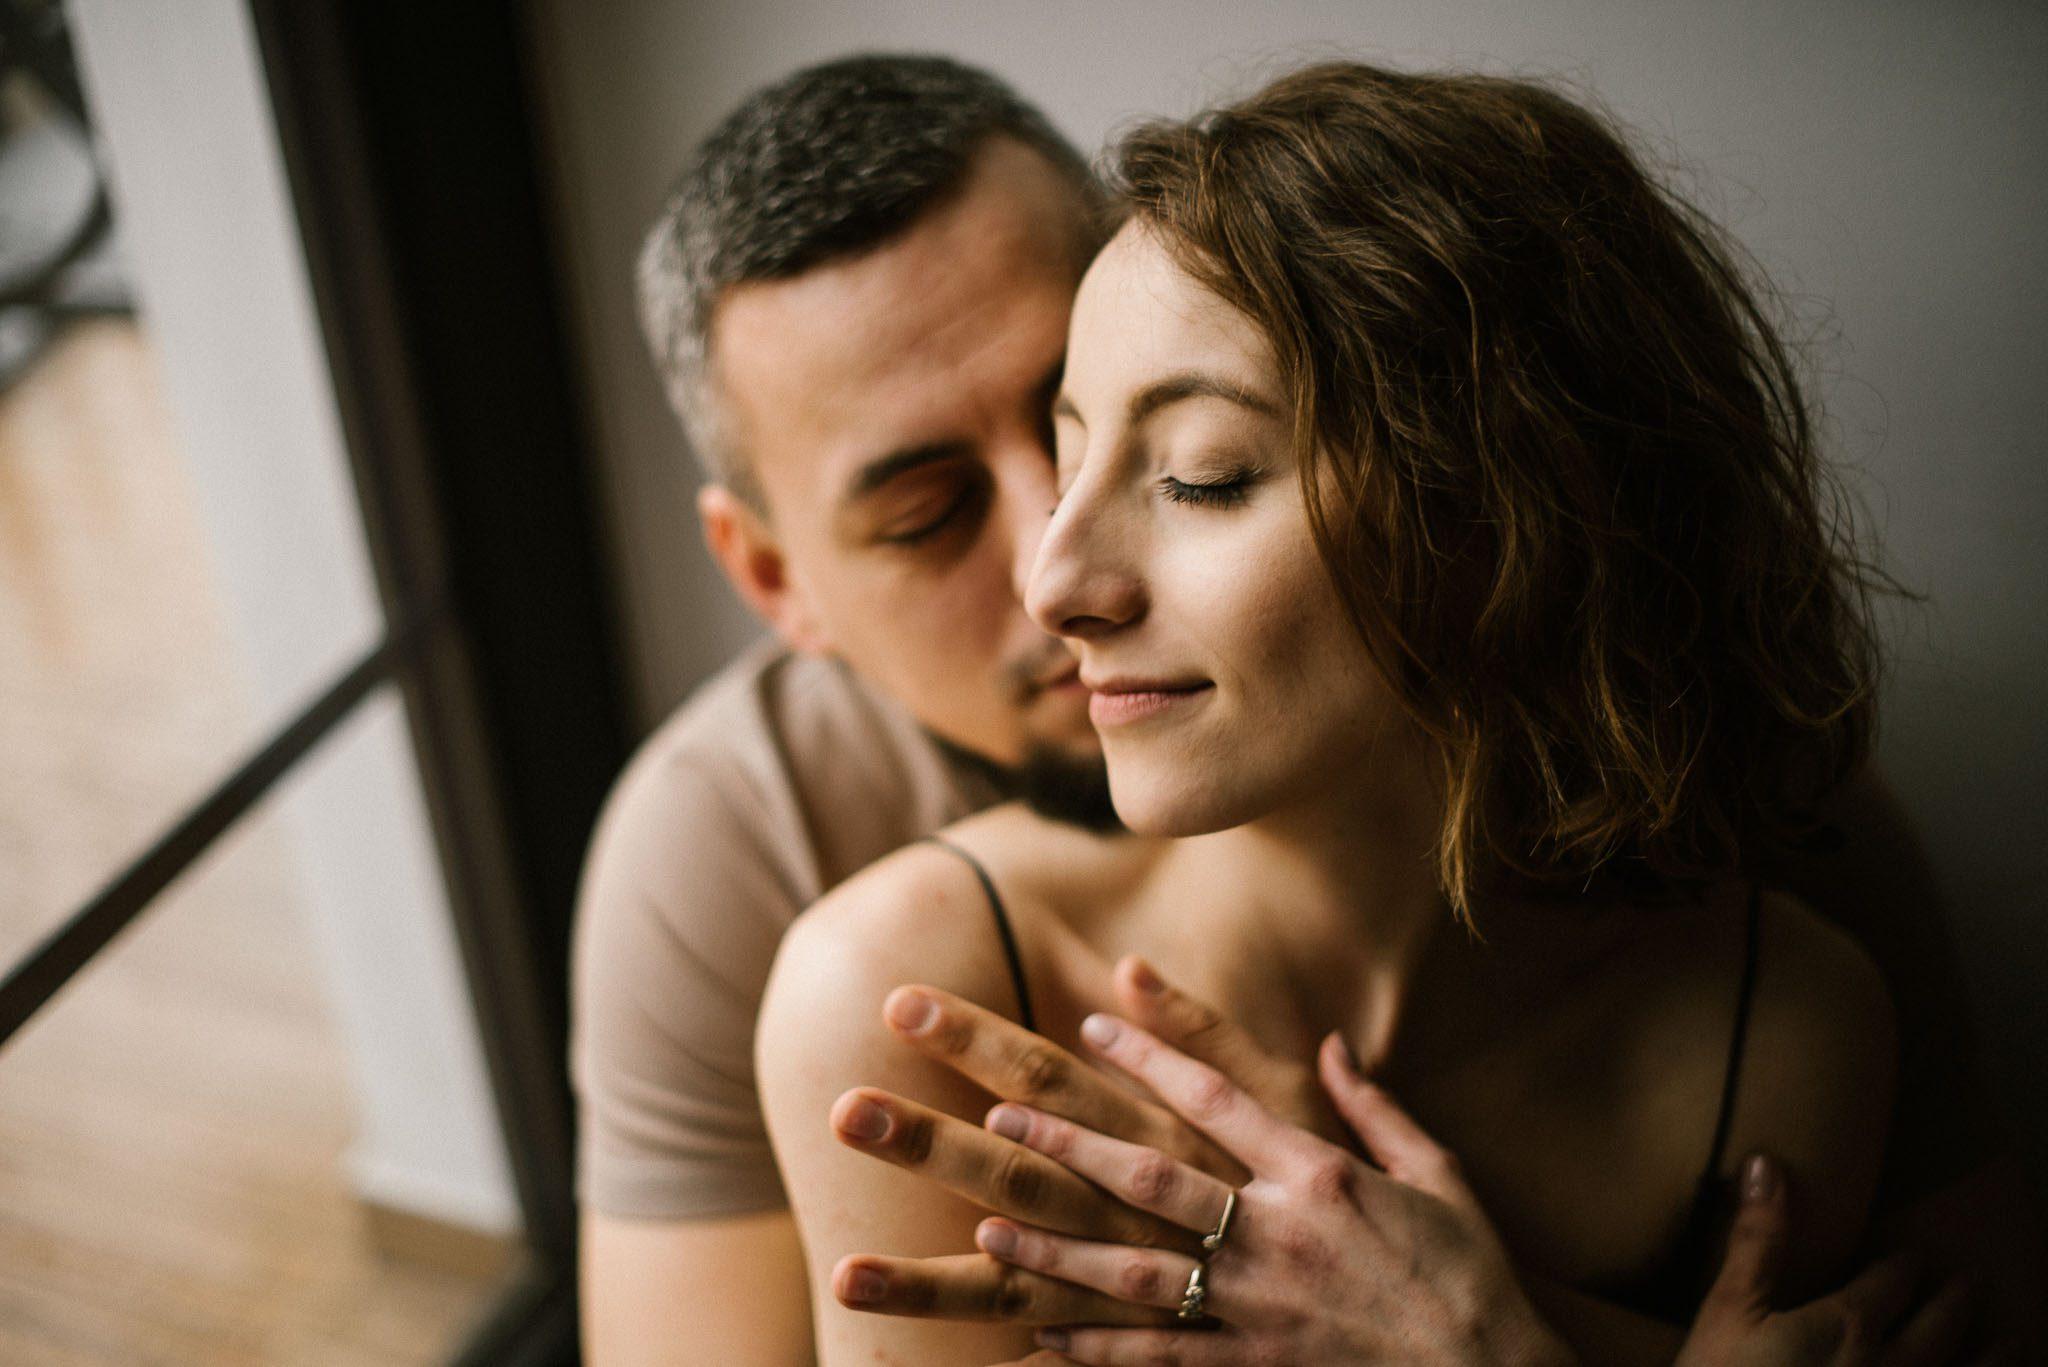 Para siedzi i się dotyka namiętnie - sesja sensualna pary lifestyle w Poznaniu